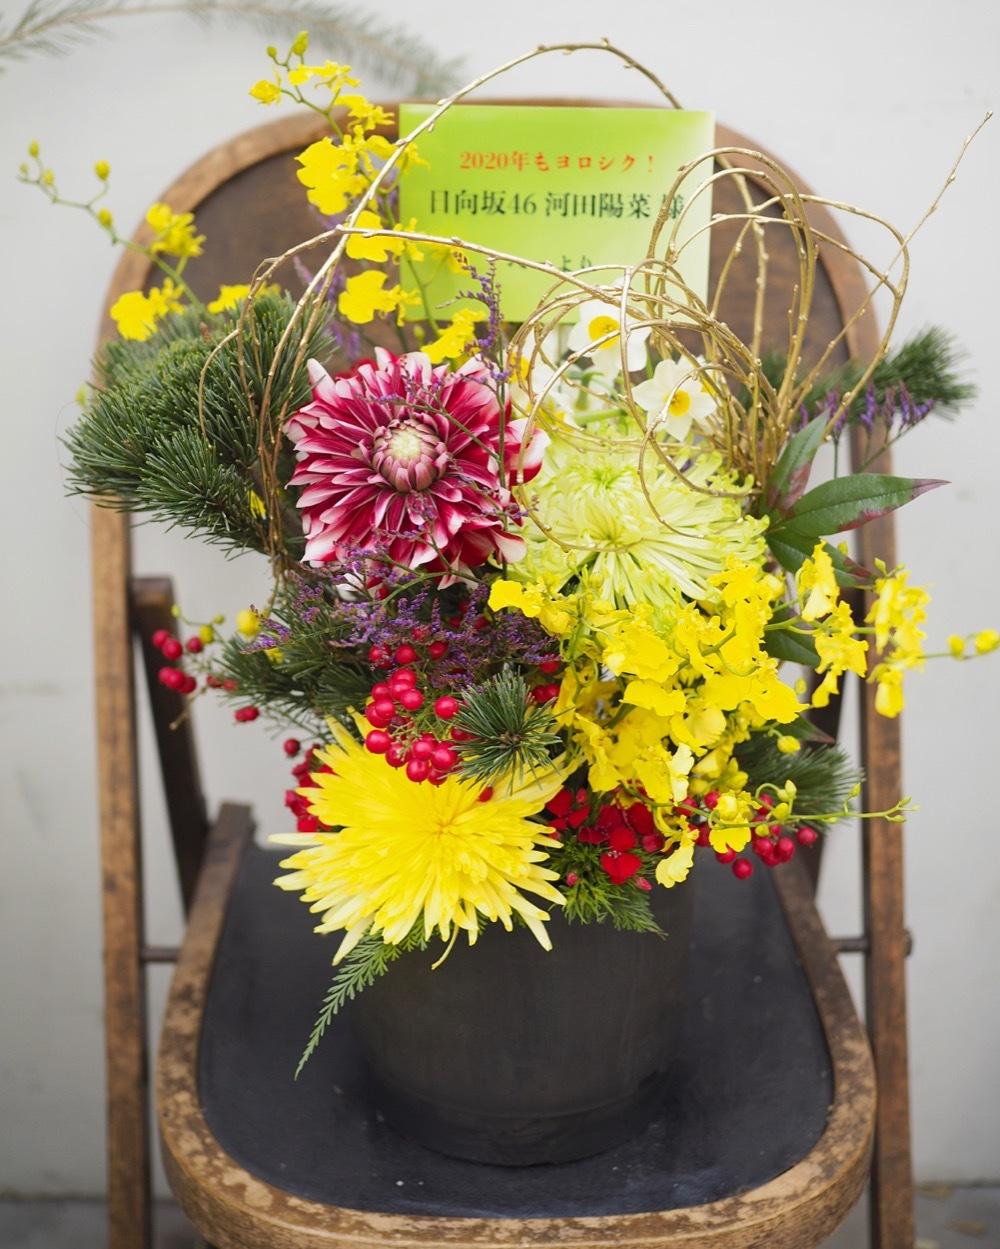 縁起物のお花がたくさん 煌びやかなお正月アレンジメント